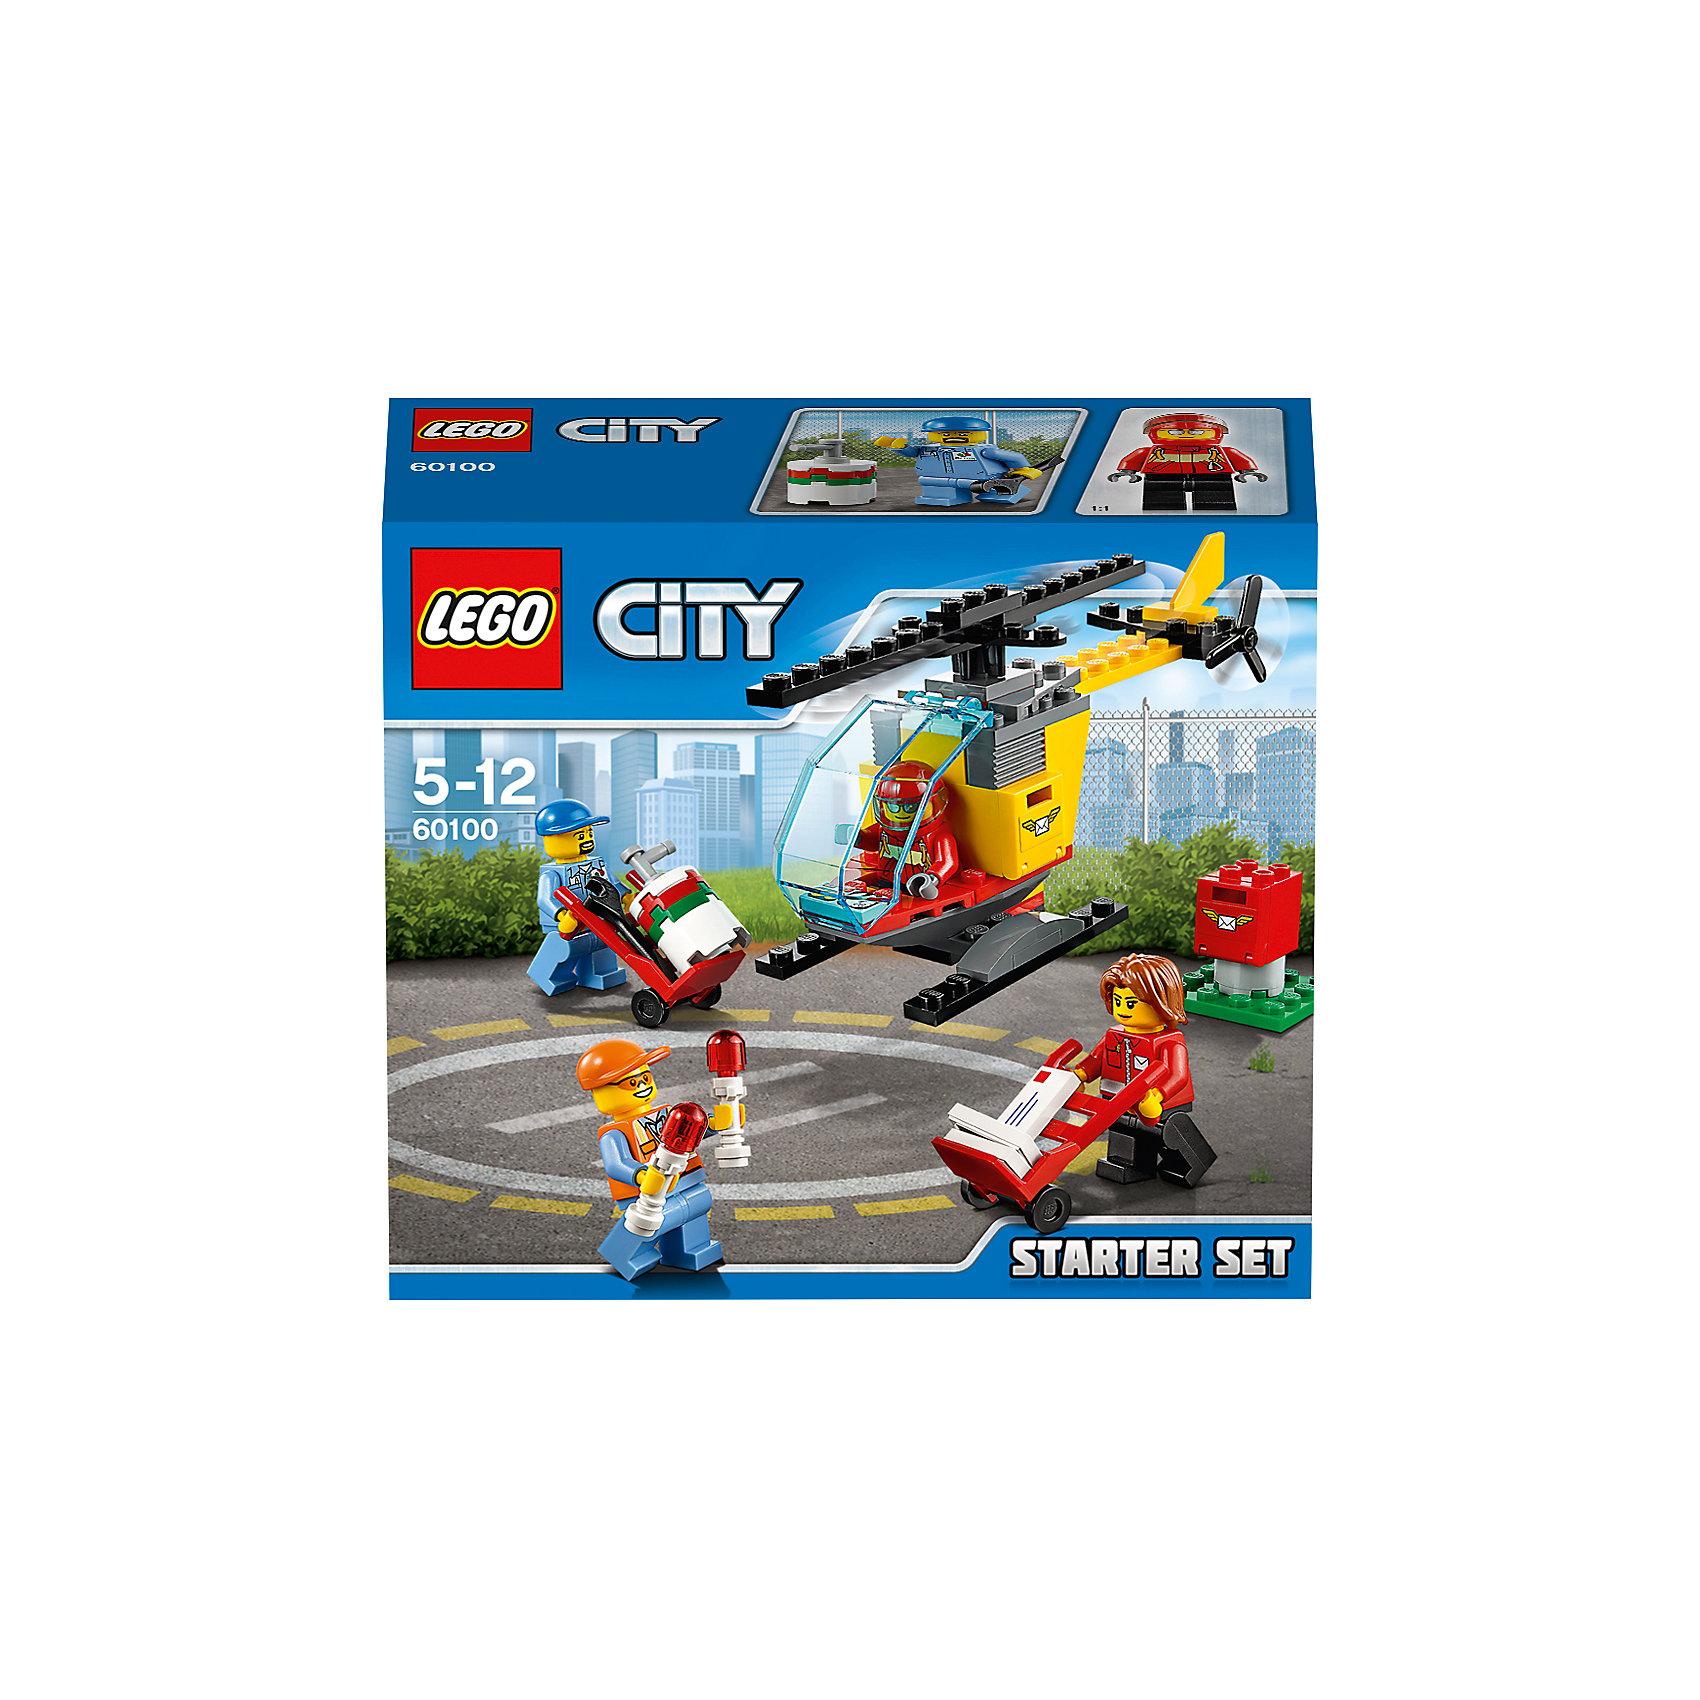 LEGO City 60100: ����� ��� ���������� ���������